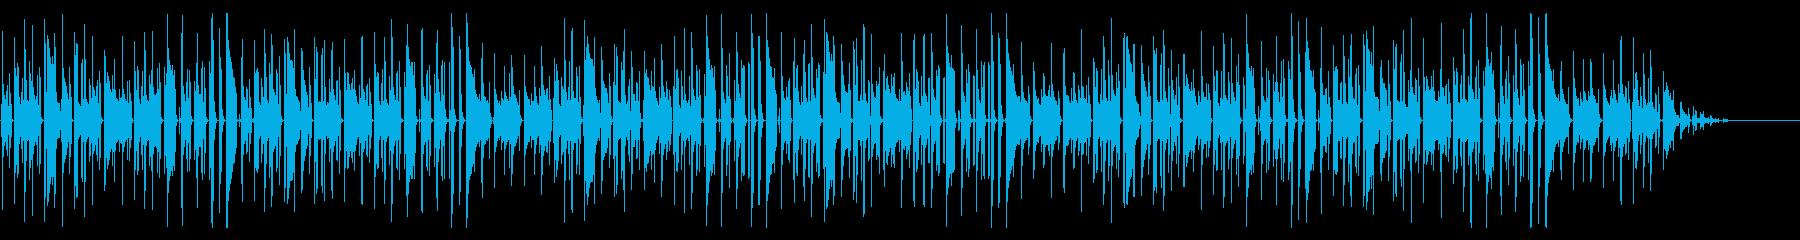 ヨドバシカメラで有名な曲 脱力系アレンジの再生済みの波形